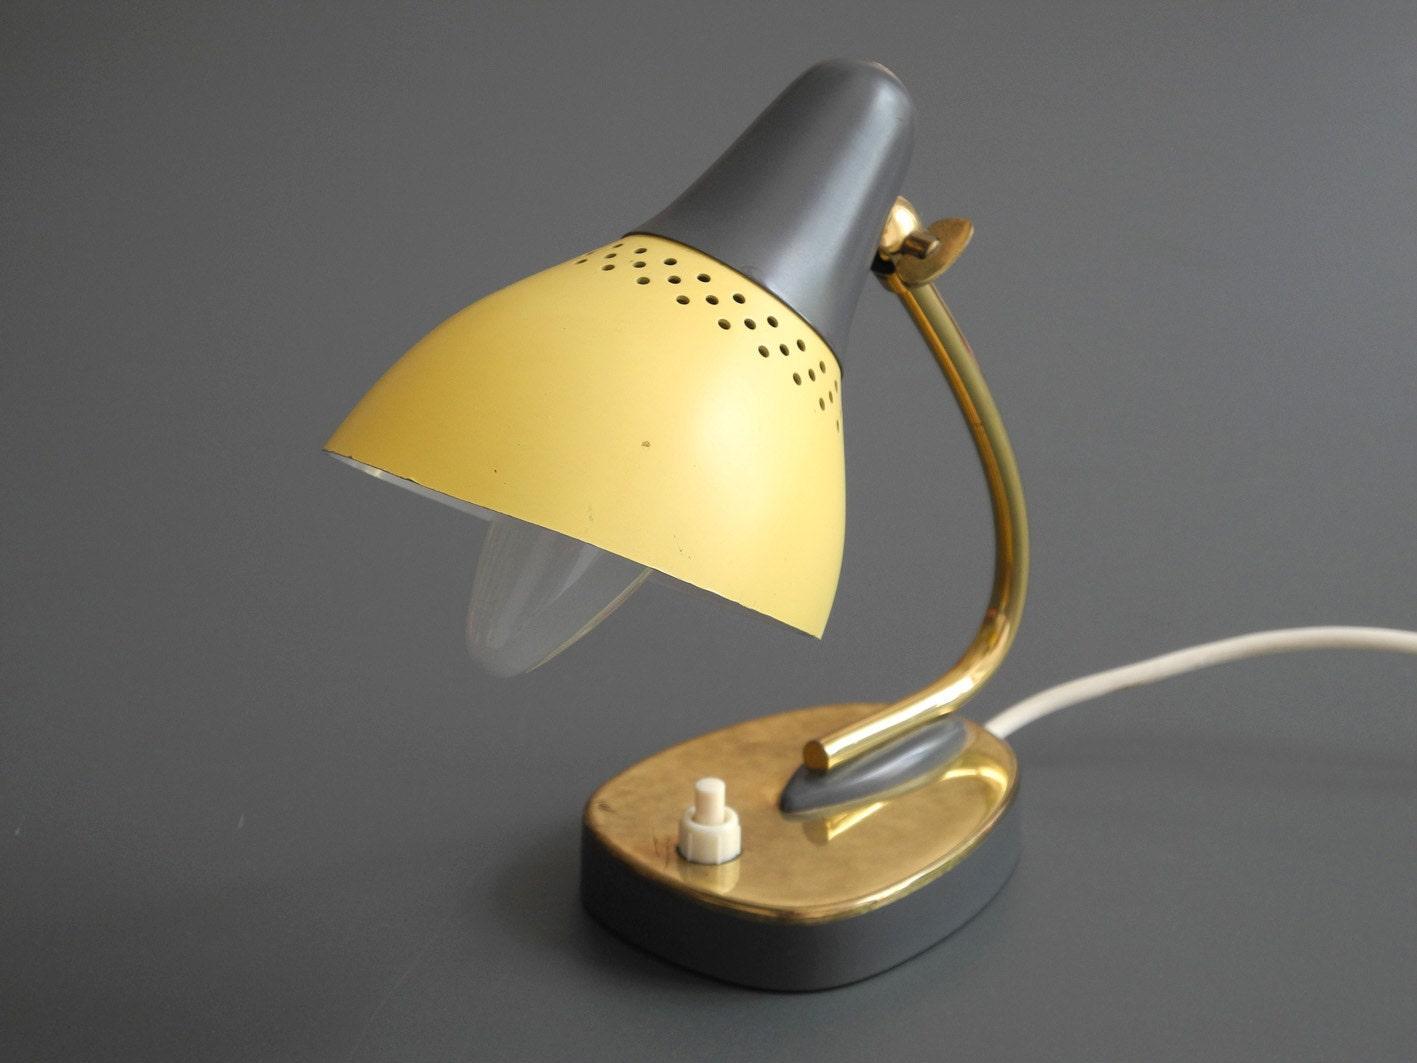 wundersch ne original mid century kleine tischlampe mit gelbem. Black Bedroom Furniture Sets. Home Design Ideas